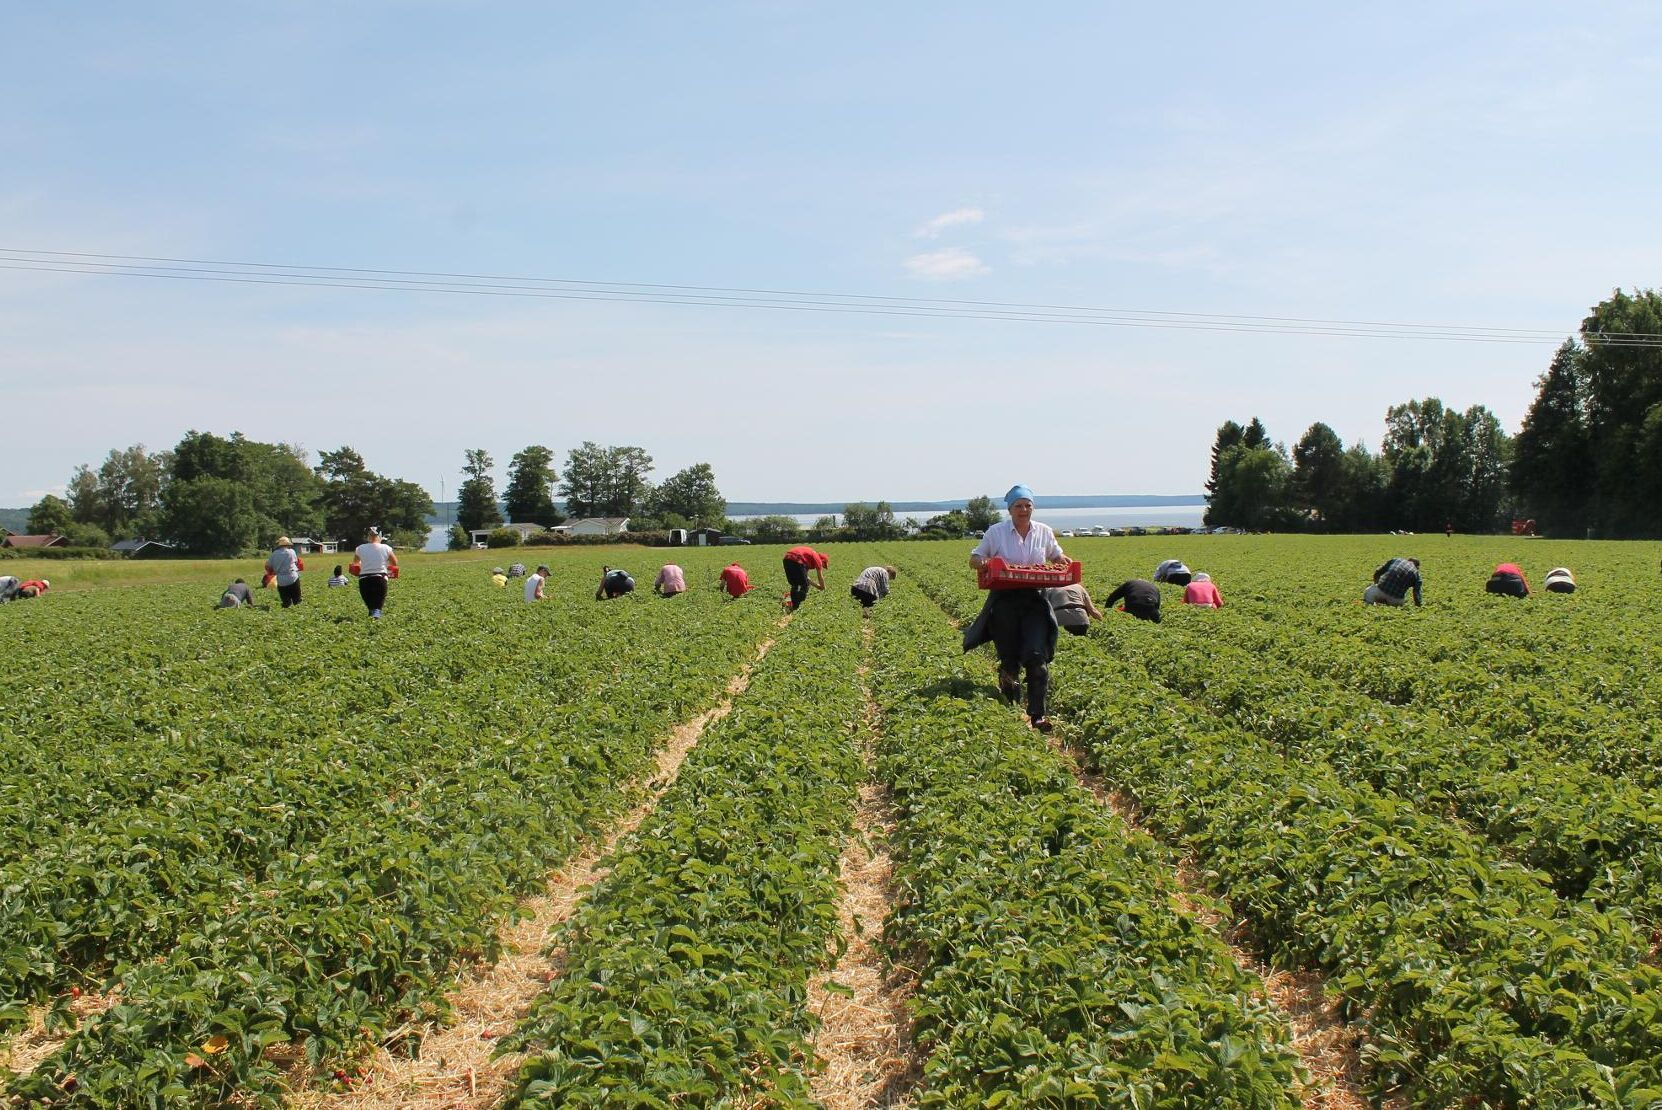 Värmlandsbär har i år odlat jordgubbar på cirka två hektar. Bilden är från ett annat år.